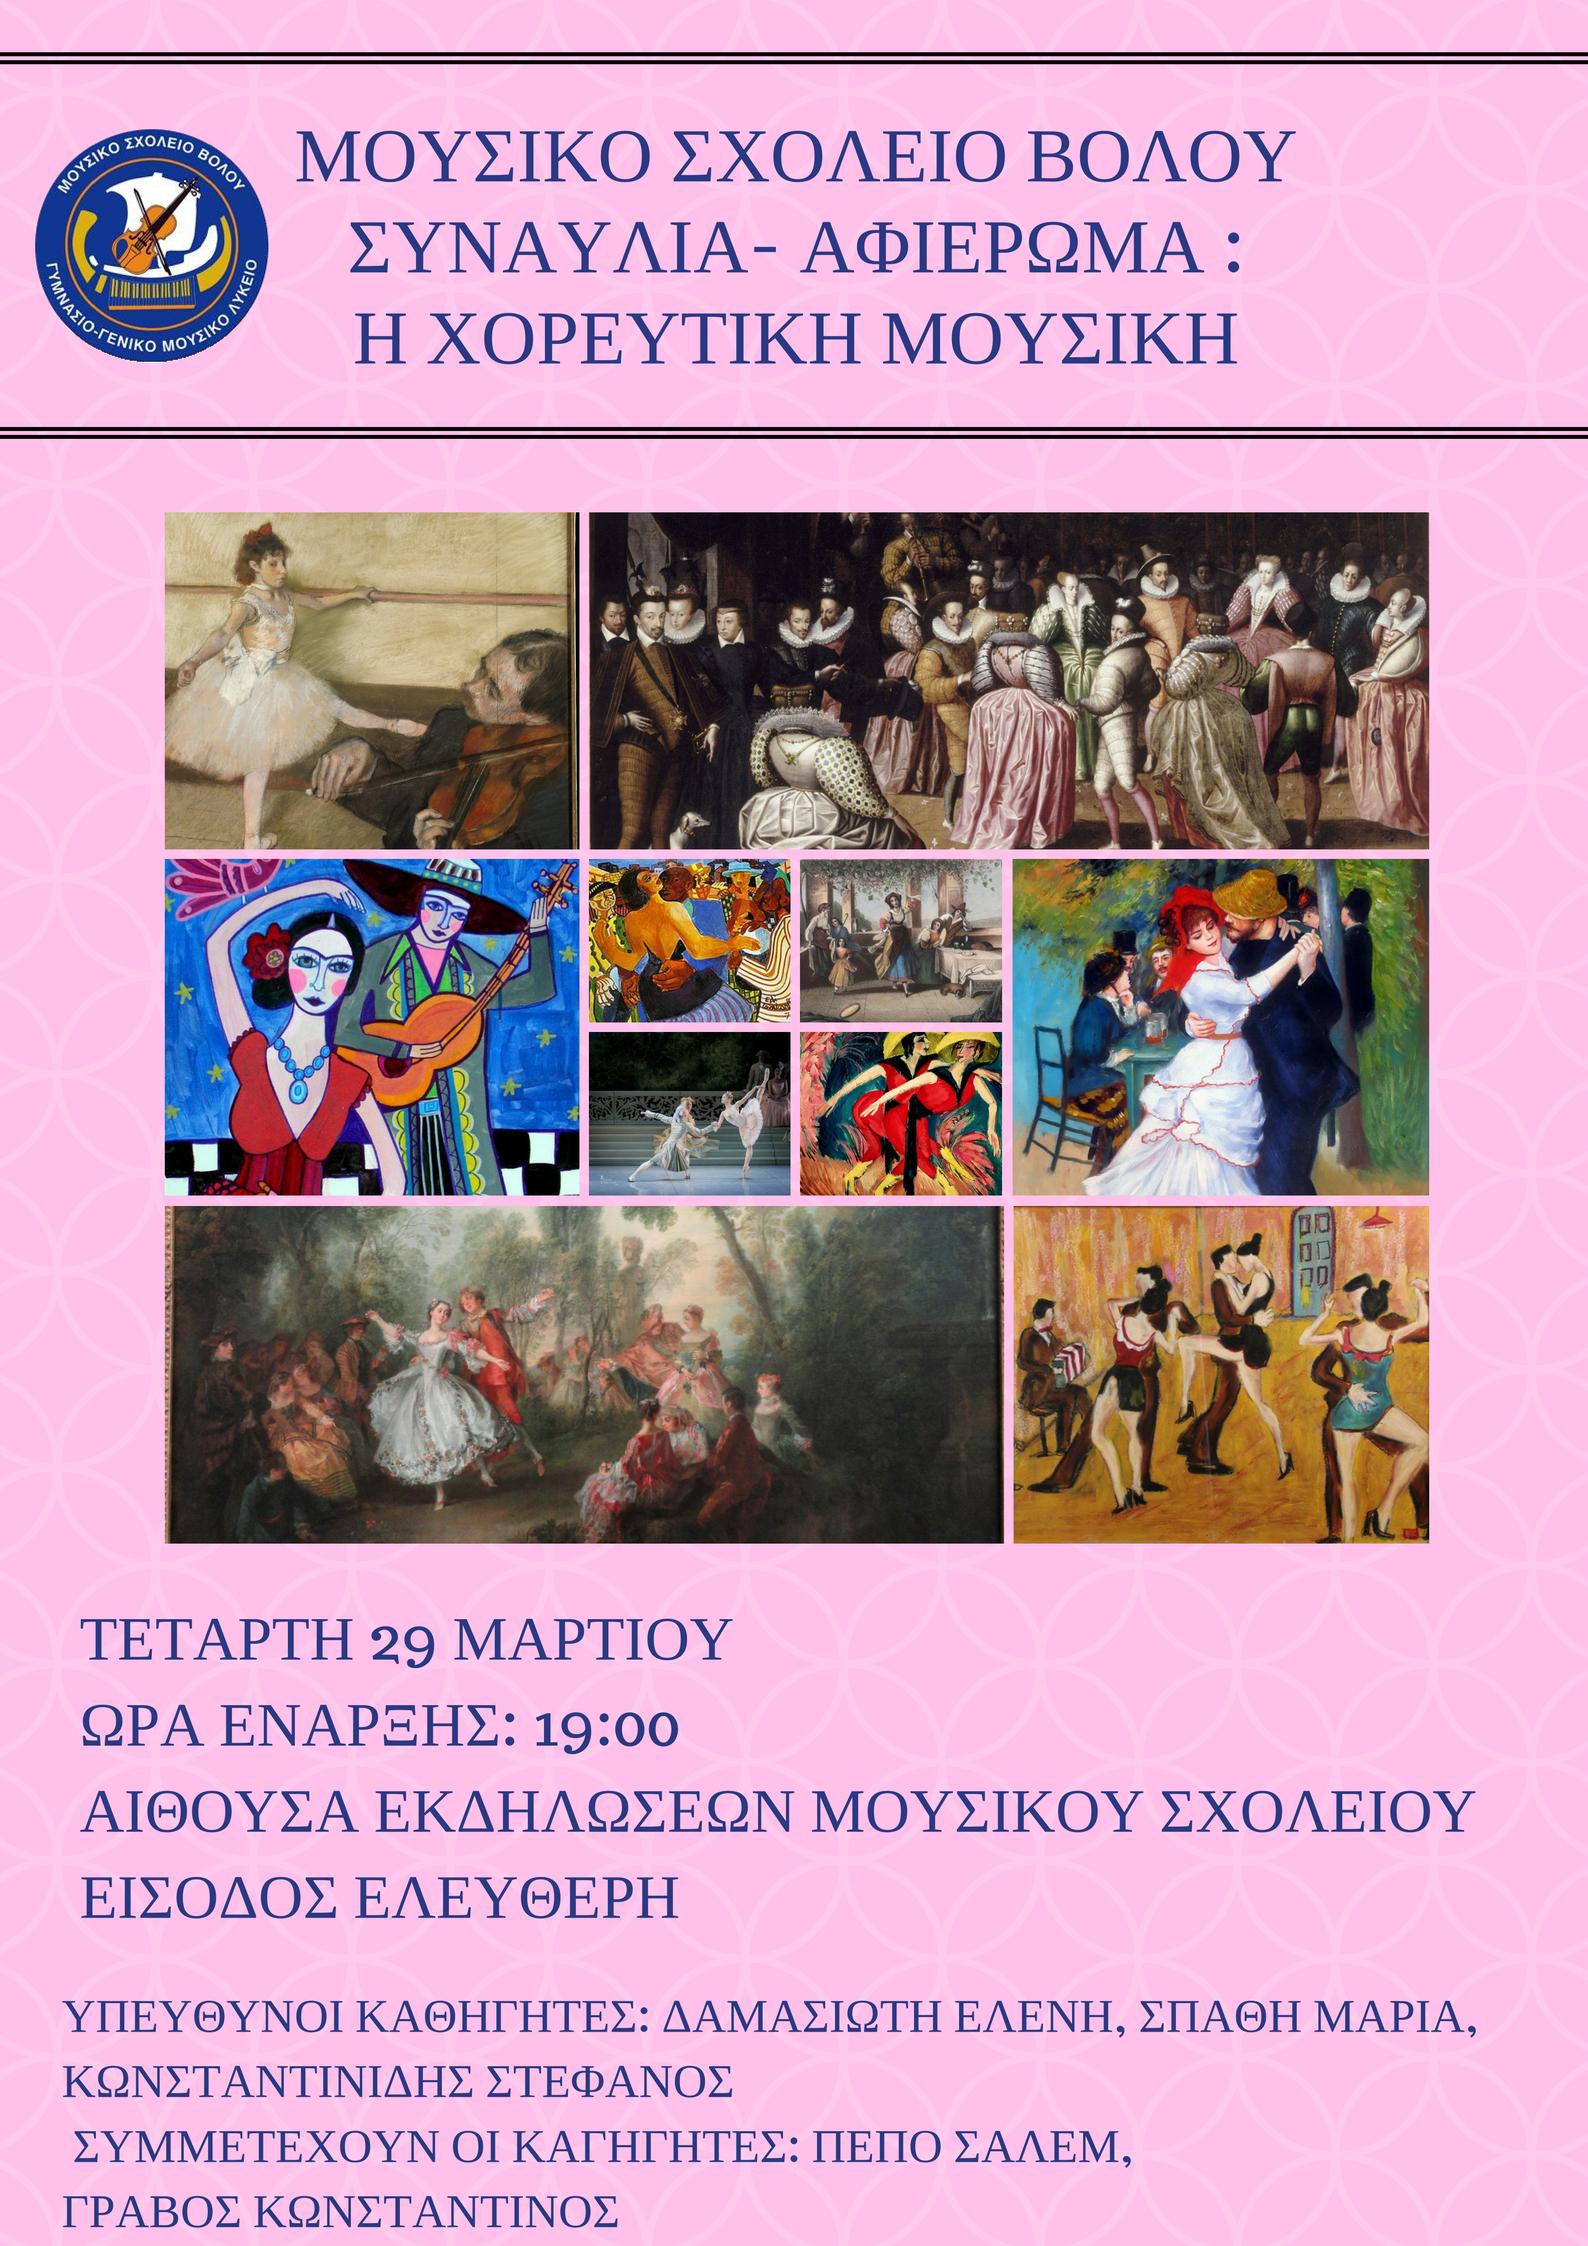 ΑΦΙΣΣΑ _ΧΟΡΕΥΤΙΚΗ ΜΟΥΣΙΚΗ_(5) ΤΕΛΙΚΟ